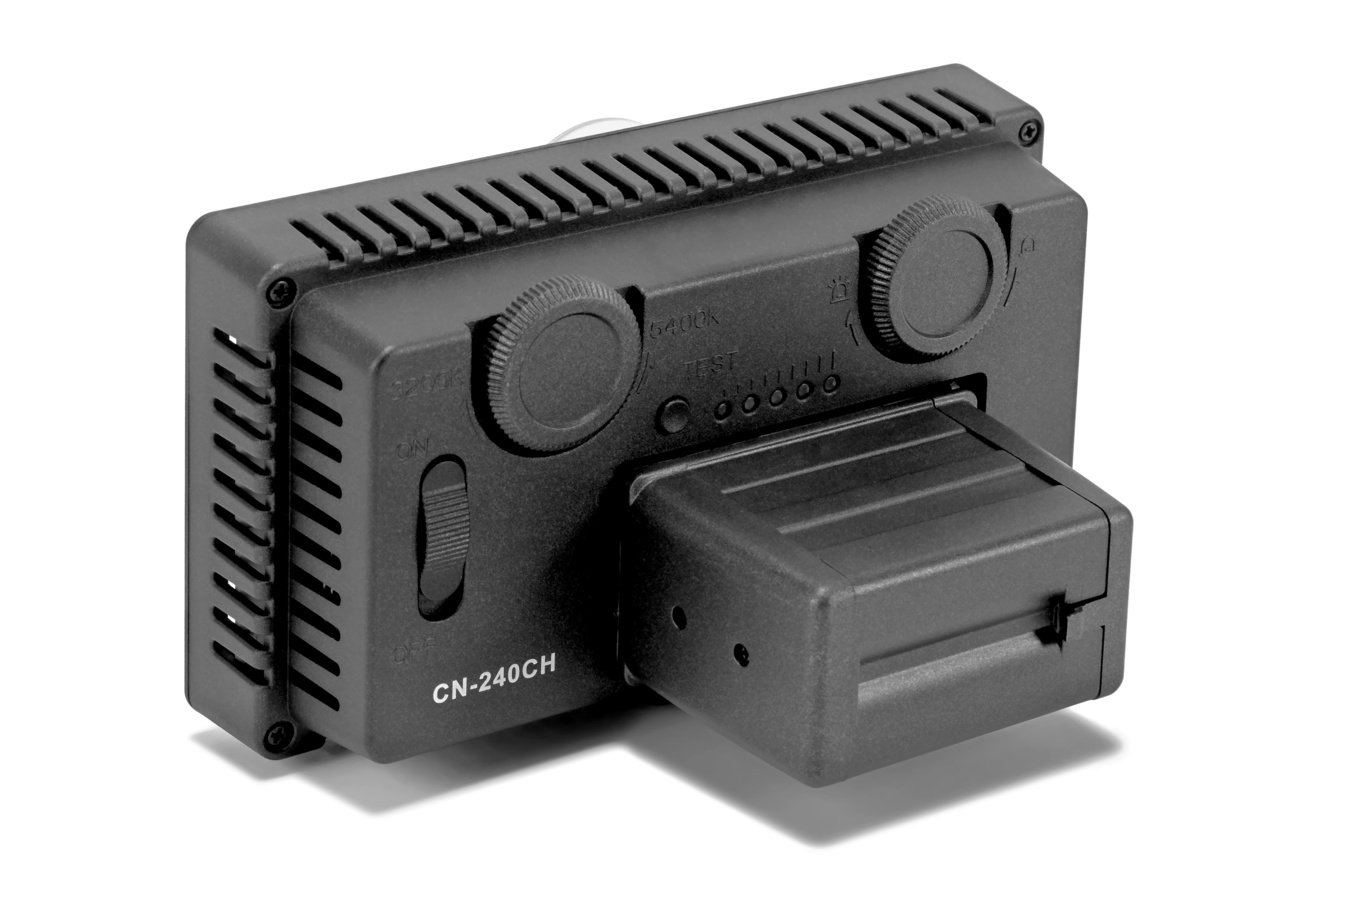 CN-240CH LED Leuchte mit Adapter für AA Batterien.